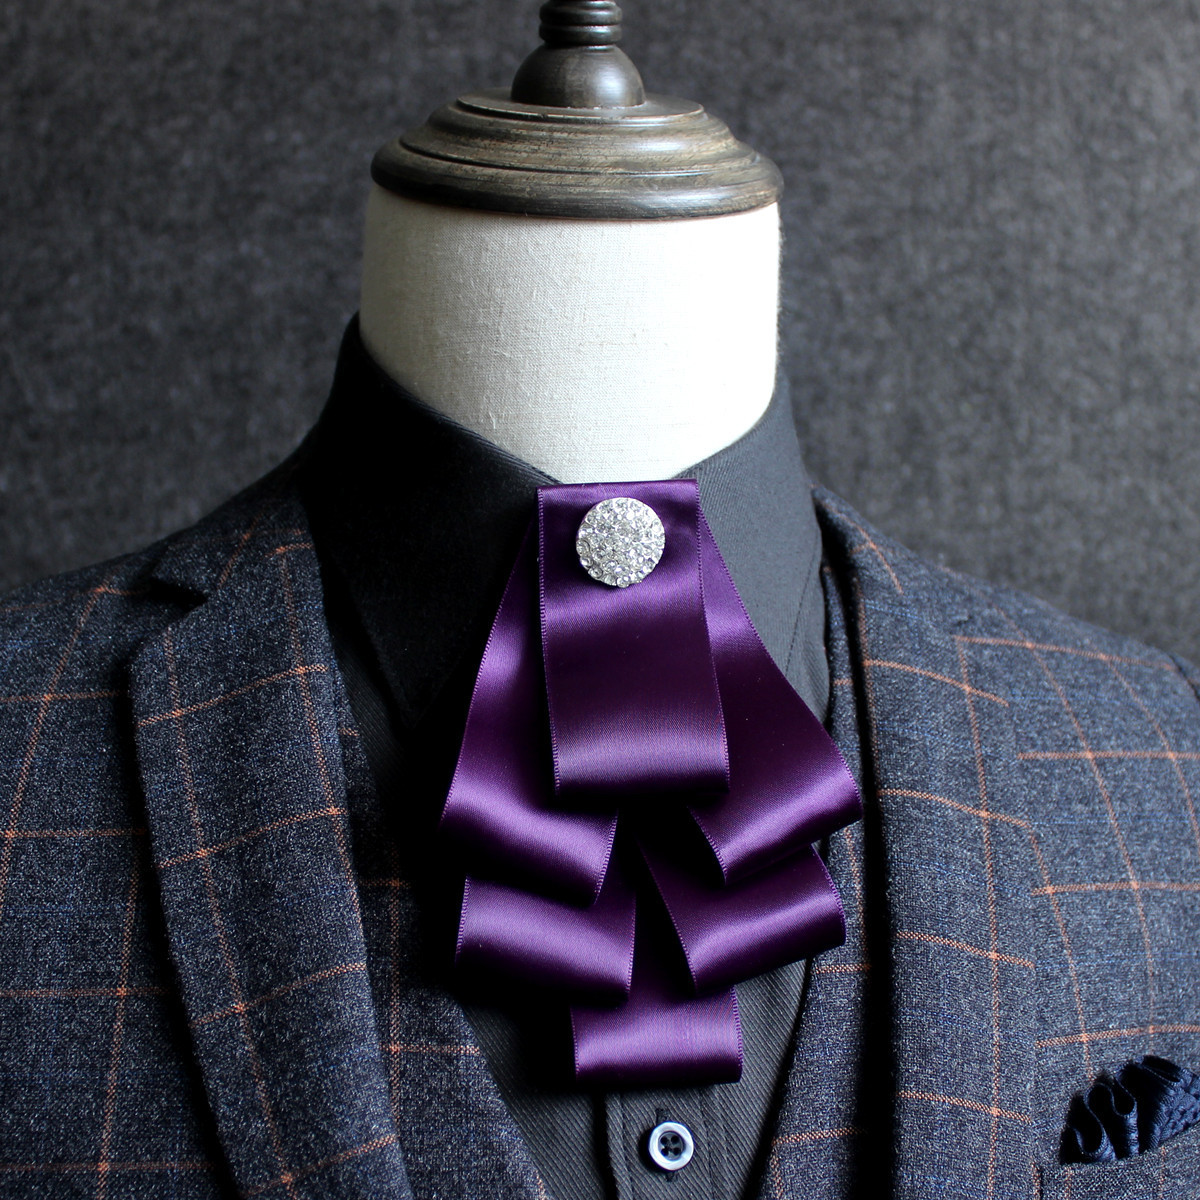 Pyjtrl Krawatten Für Männer Mode Band Kragen Blume Hochzeit Bräutigam Bankett Kleidung Zubehör Floral Krawatte Moderater Preis Bekleidung Zubehör